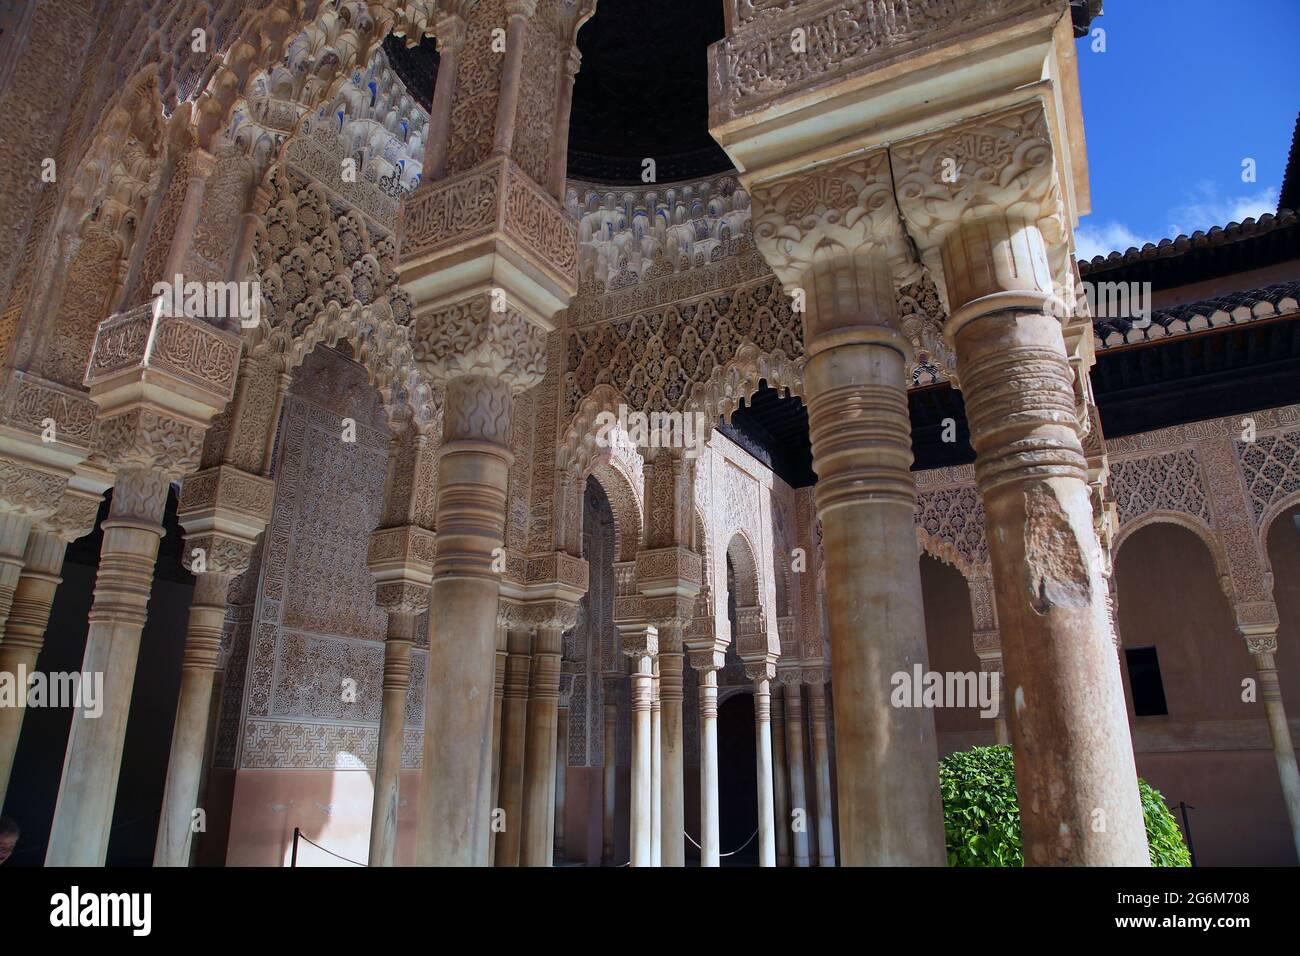 Le patio des Lions (patio de los Leones) le lieu le plus célèbre de l'Alhambra à Grenade.situé au sommet de la colline al-Sabika, Sur la rive de la rivière Darro, dans la ville de Grenade et devant les quartiers de l'Albaicin et de l'Alcazaba. Construit à l'origine comme une forteresse en 889 ce., puis largement ignoré.reconstruit au milieu du 13ème siècle par le Naside arabe emir Mohammed ben Al-Ahmar de l'émirat de Grenade, qui Construit son palais actuel et ses murs.après la Reconquista chrétienne en 1492, le site devint la Cour royale de Ferdinand et Isabella Banque D'Images